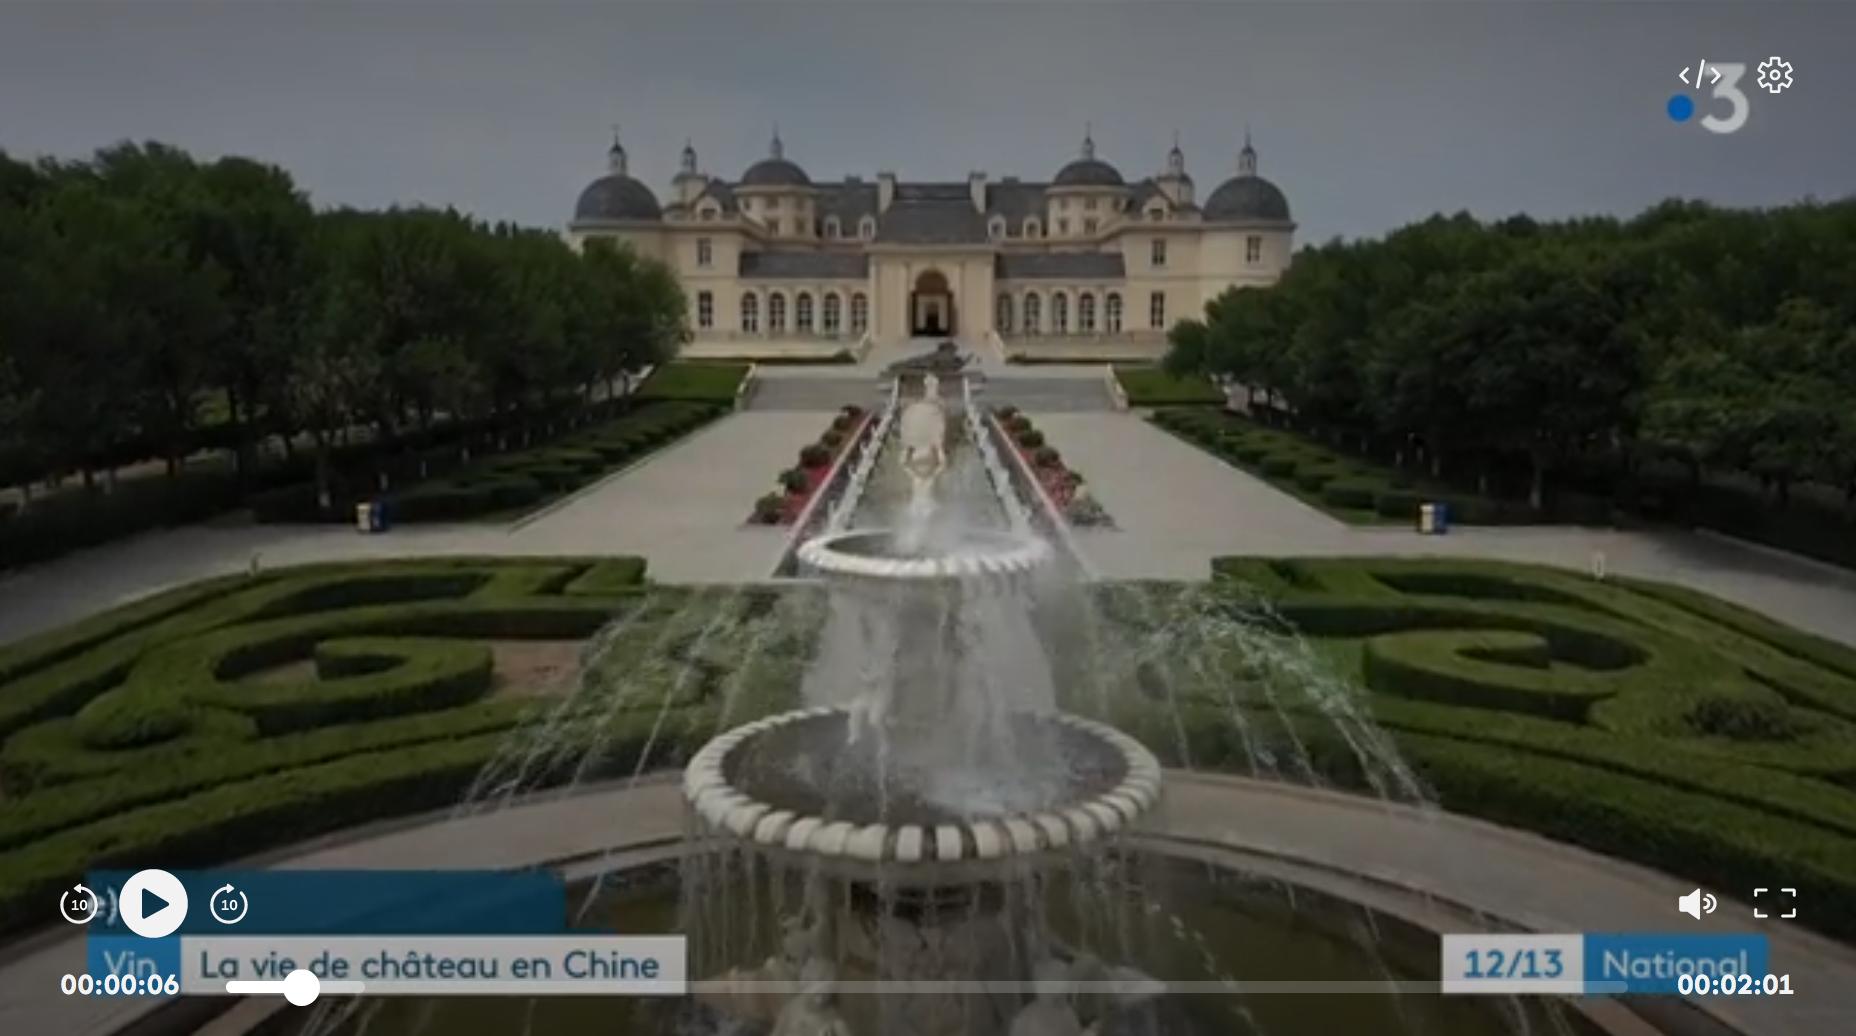 Chine : la vie de château du domaine viticole de Changyu (REPORTAGE)